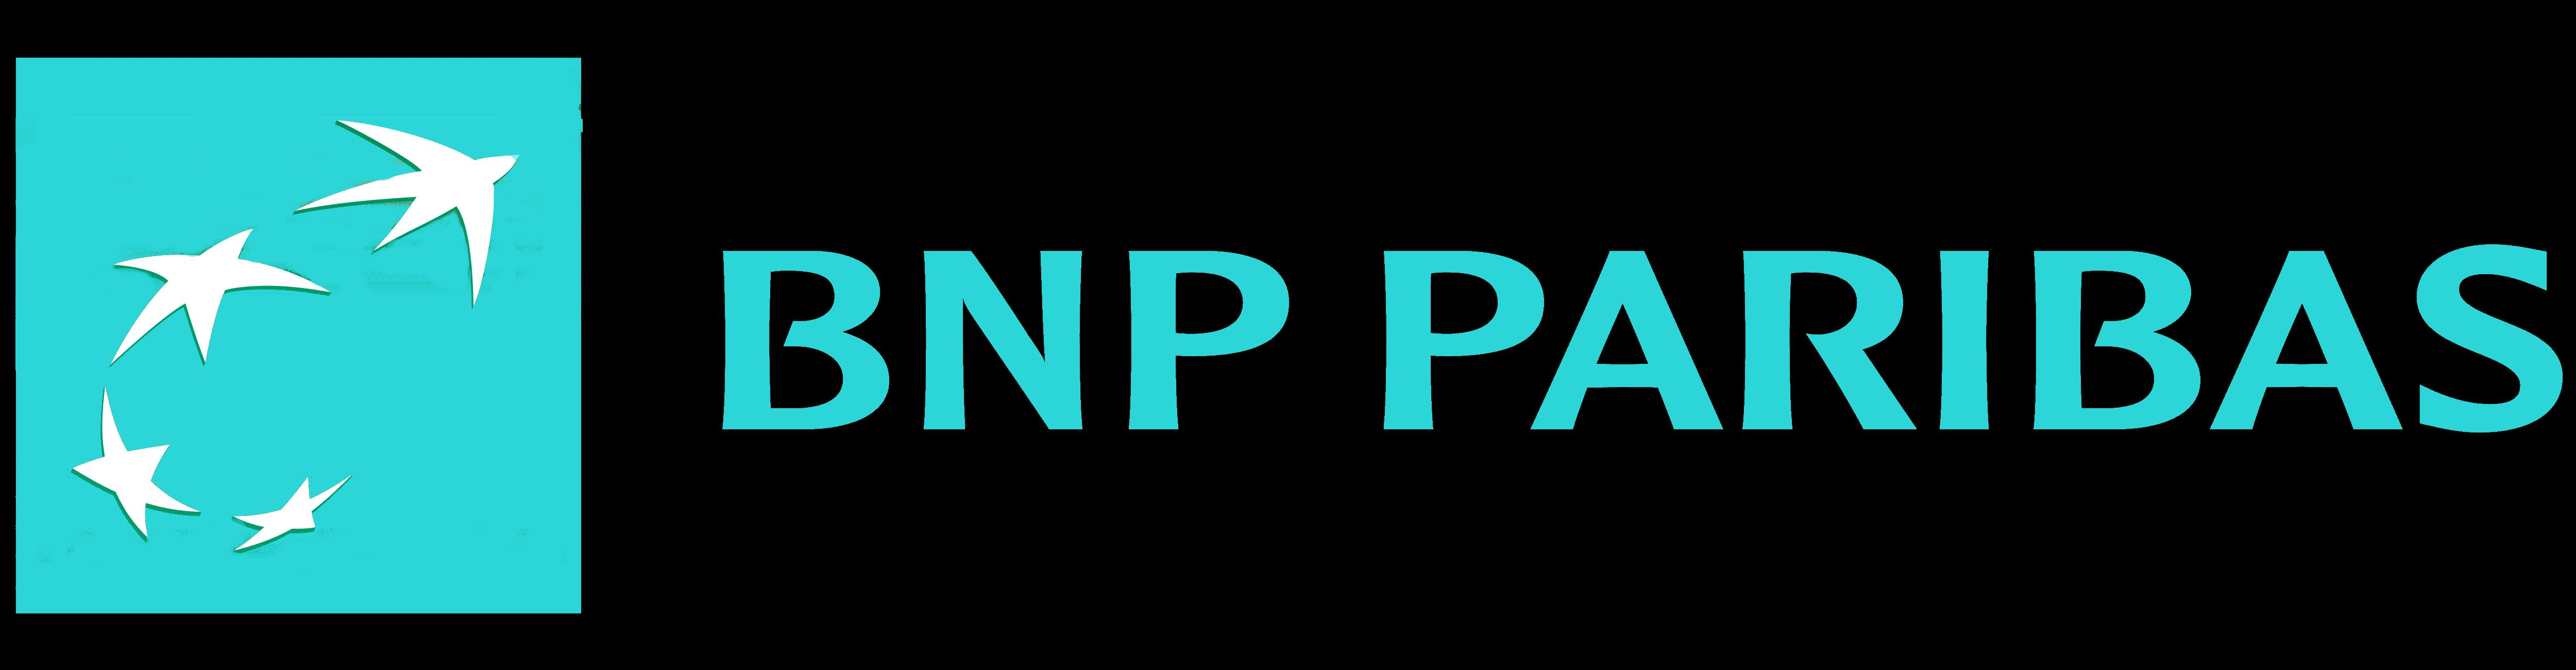 BNP Paribas 2